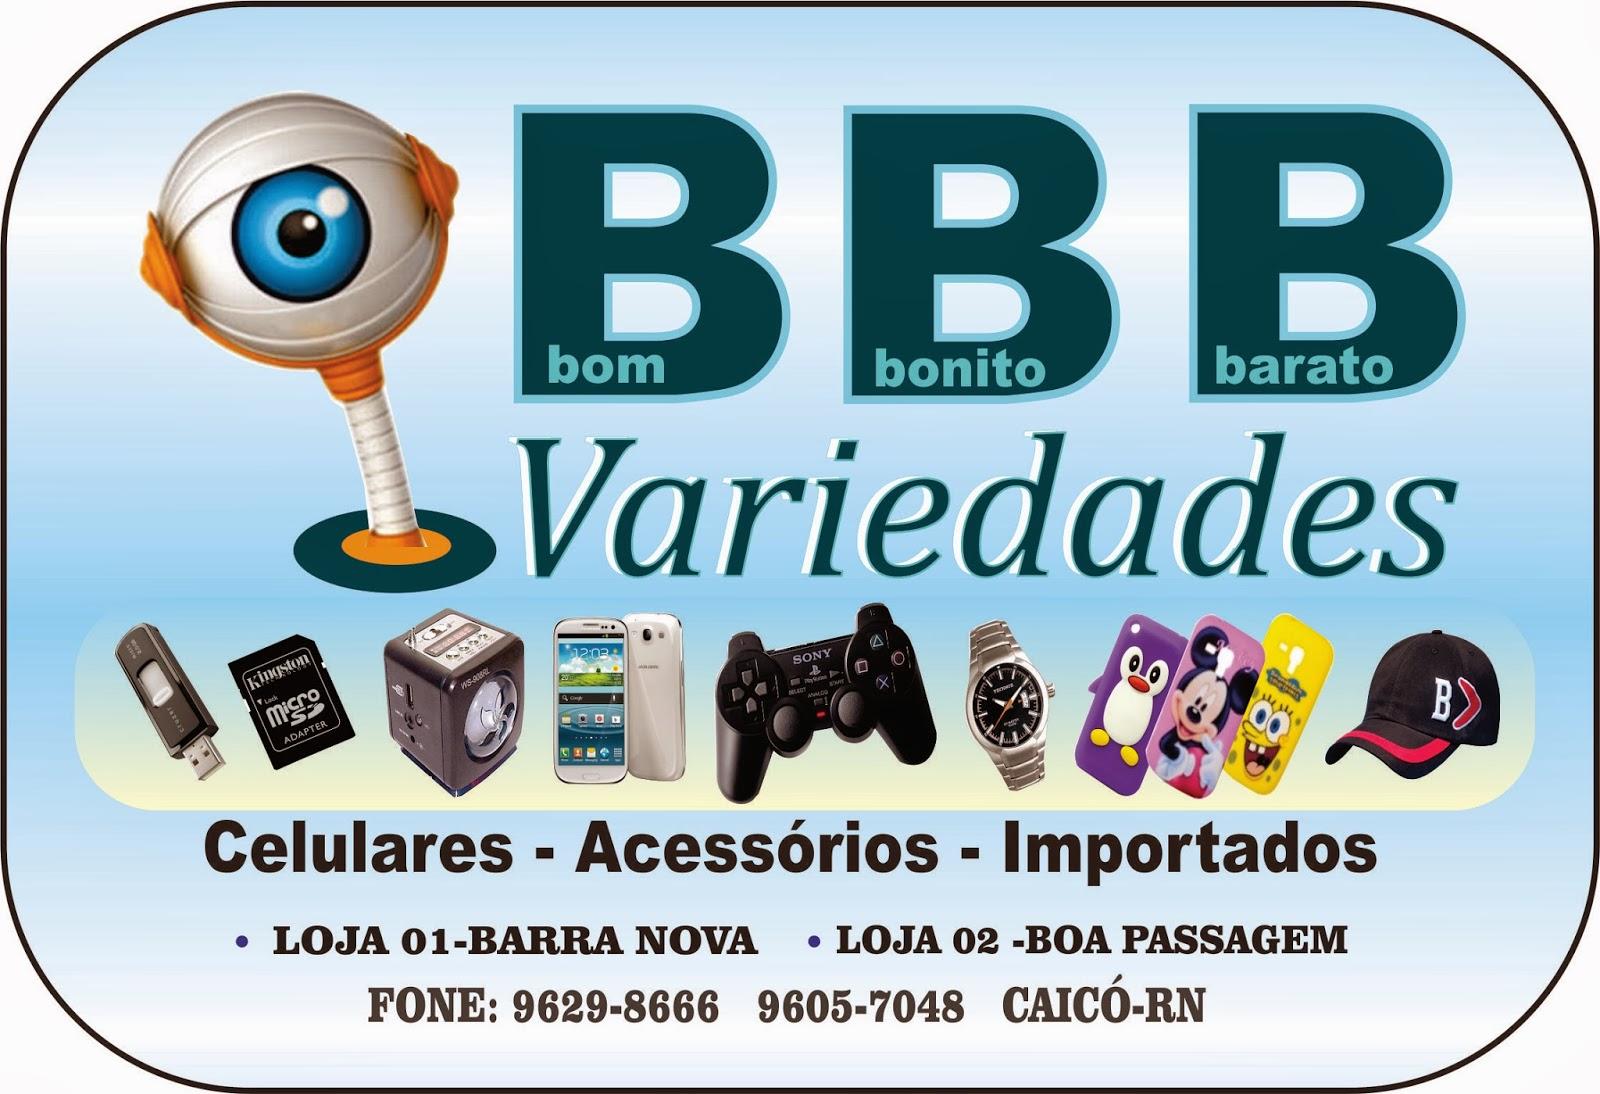 http://sistemacaico.com/bbbvariedades/